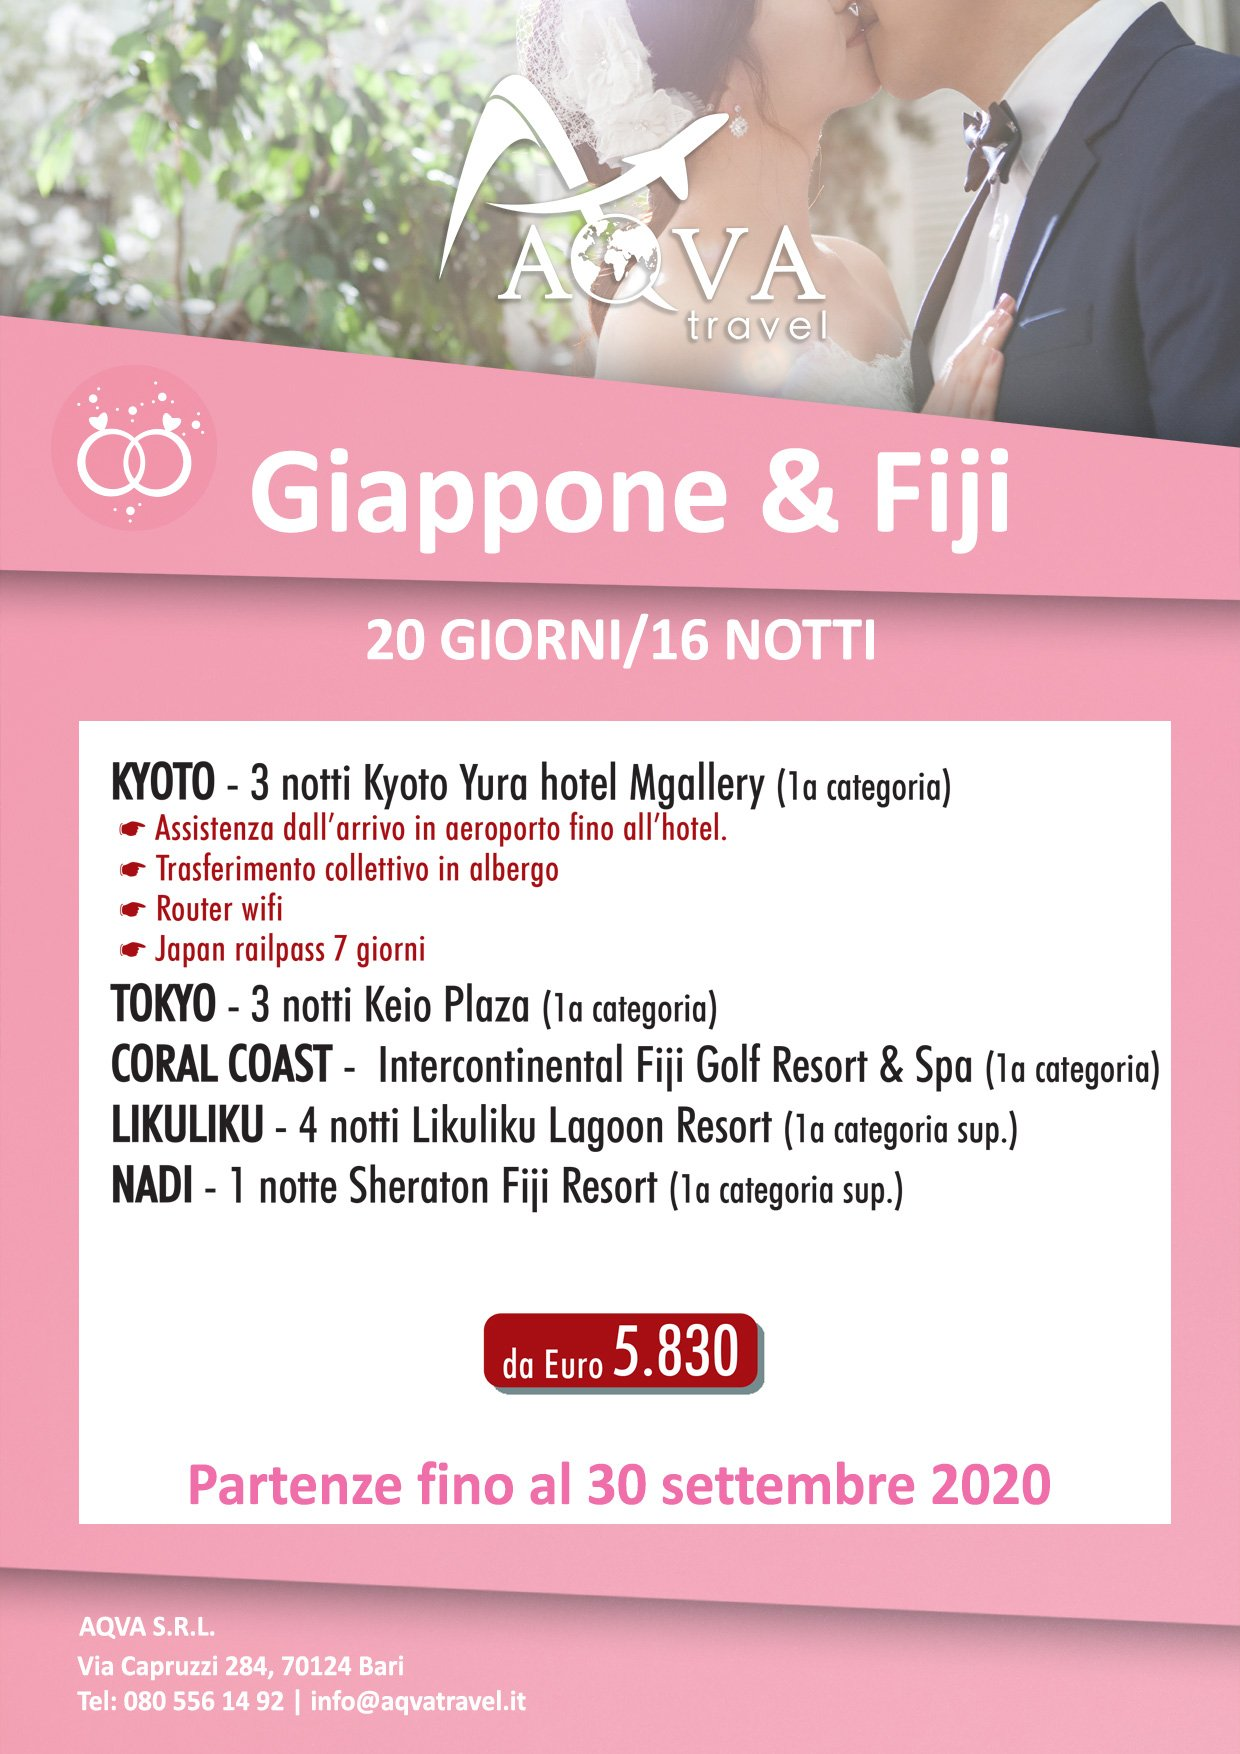 Giappone-&-Fiji-VIAGGI-DI-NOZZE-offerte-agenzia-di-viaggi-Bari-AQVATRAVEL-it